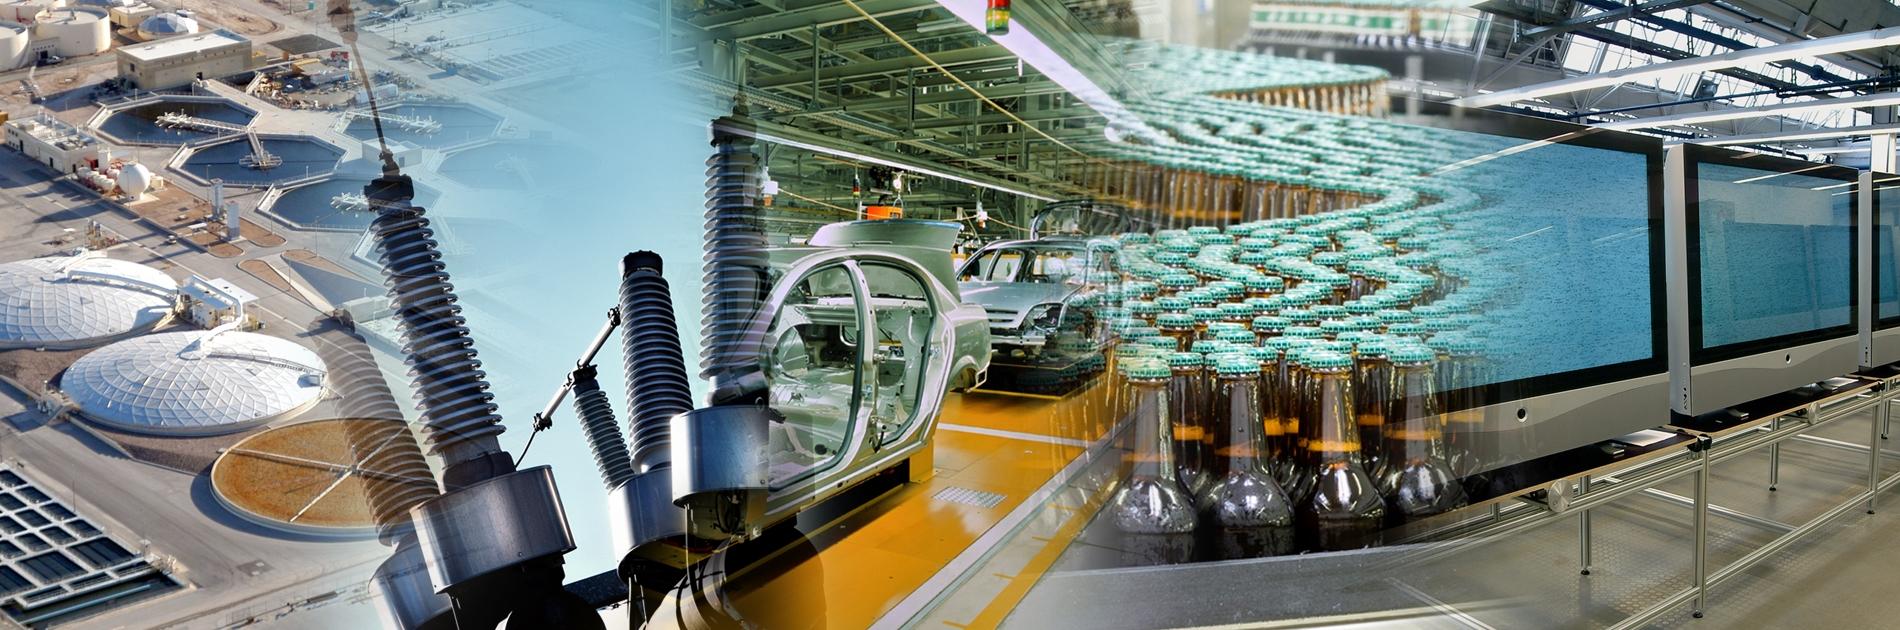 Ecco il futuro delle reti industriali Ethernet Gigabit aperte